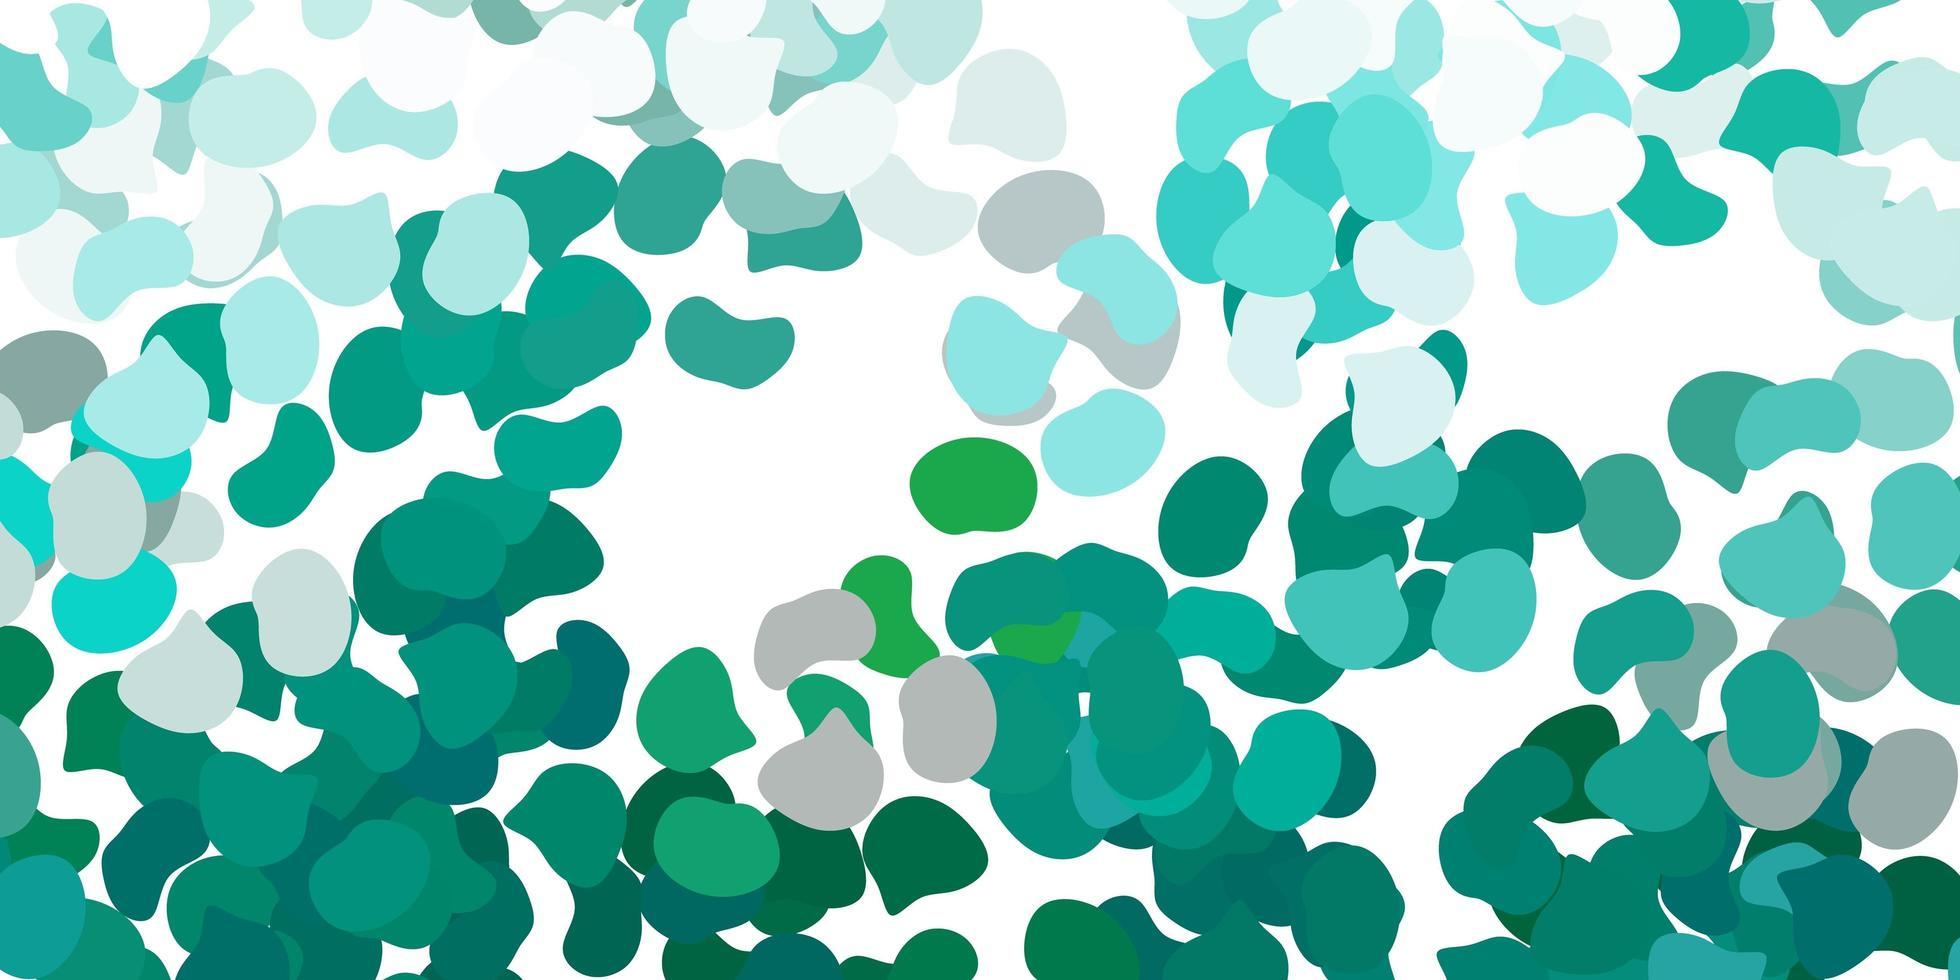 ljusgrön vektormall med abstrakta former. vektor